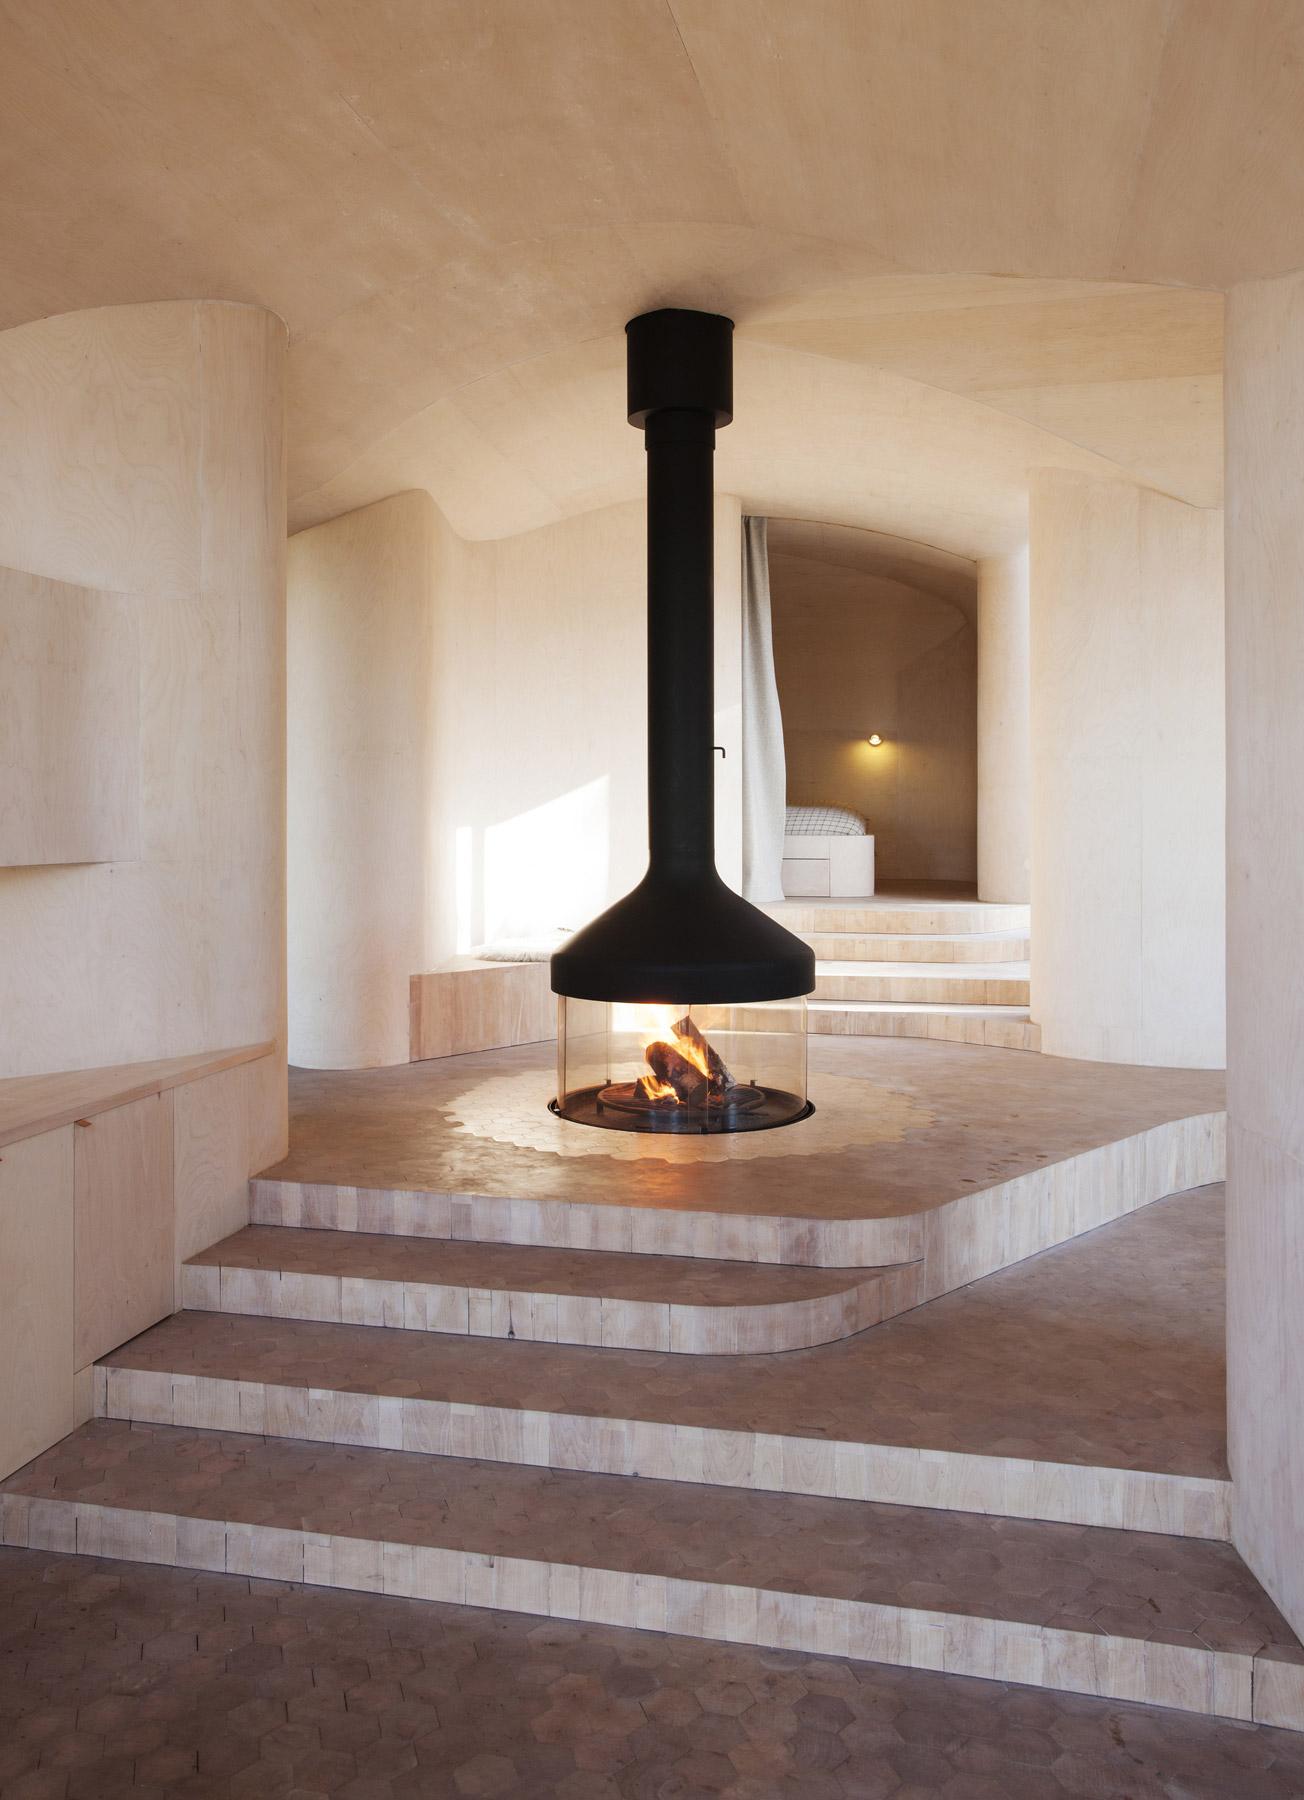 Cabin Norderhov / Atelier Oslo (21)